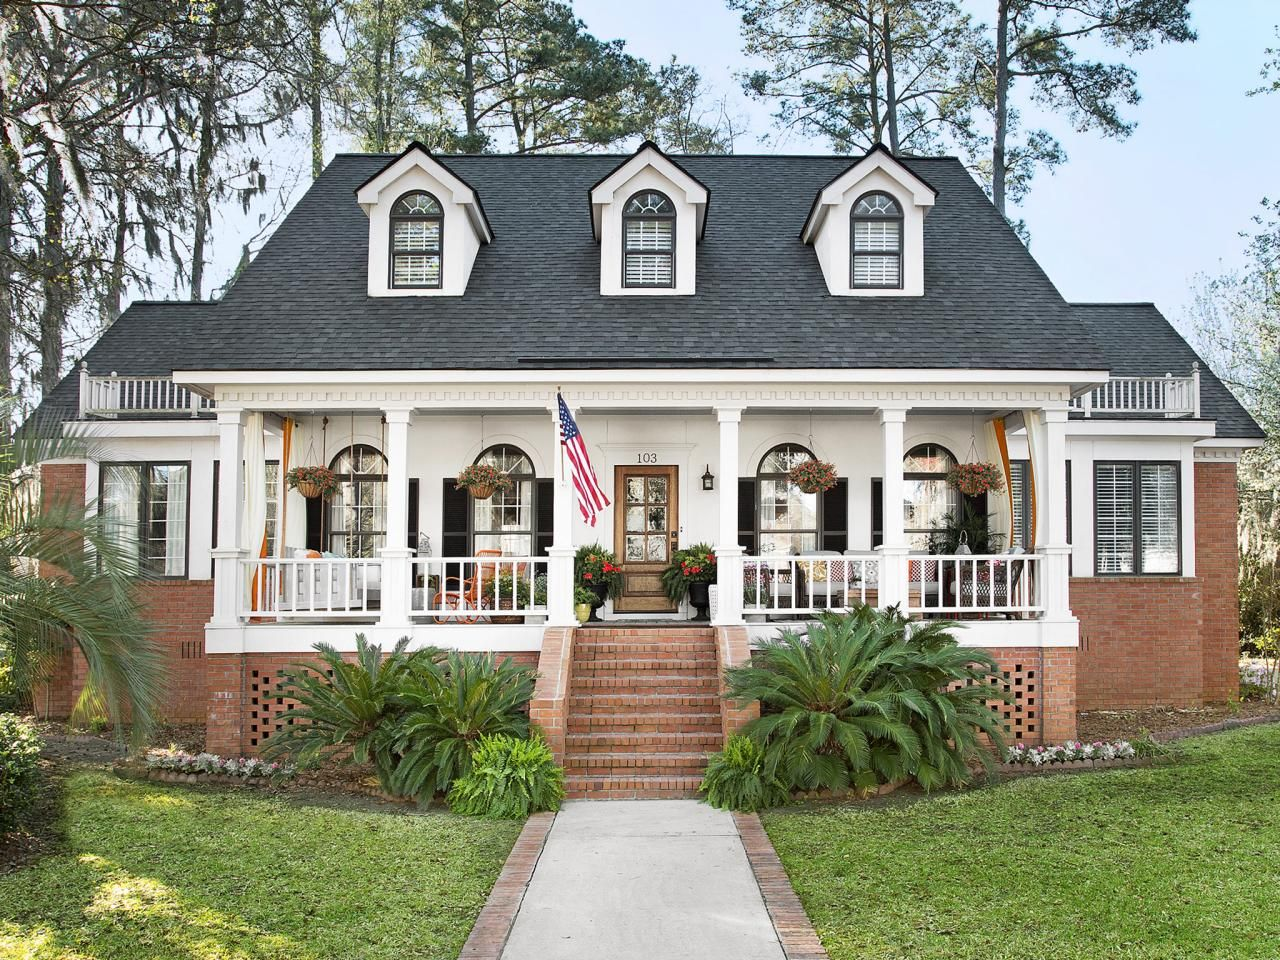 Porch Design and Decorating Ideas | Amerikanische häuser, Terrasse ...